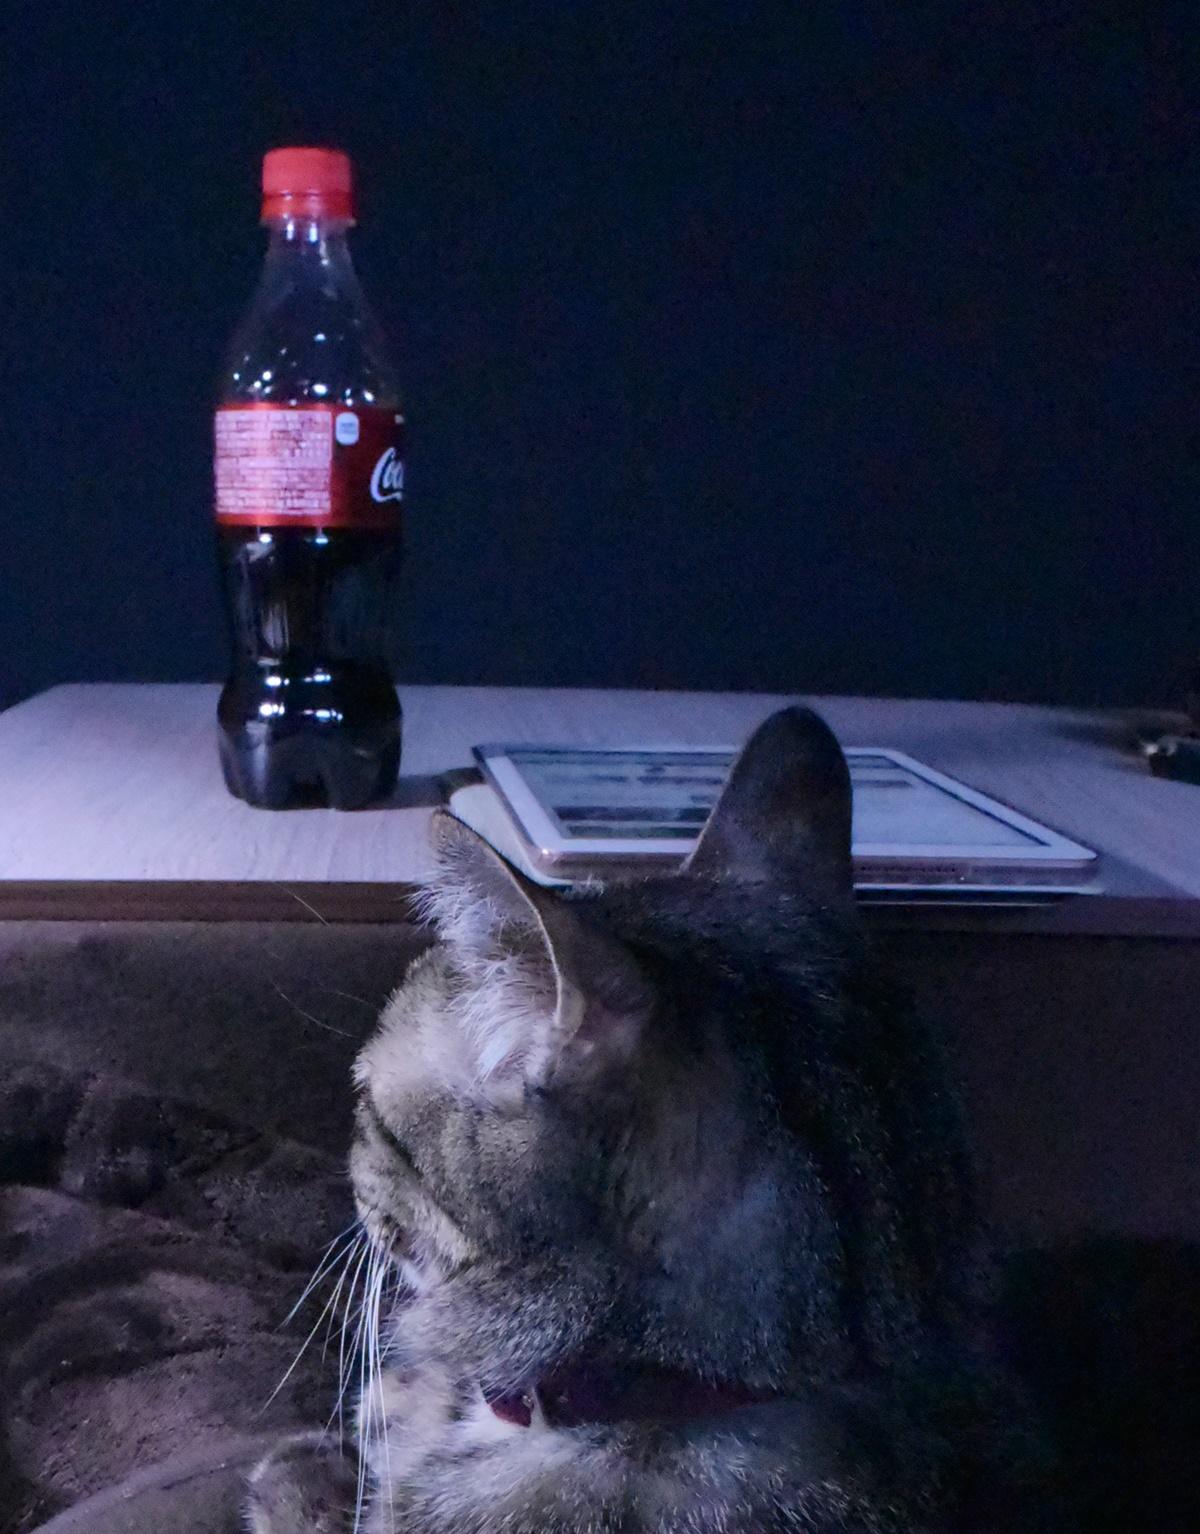 コカ・コーラを見つめる猫